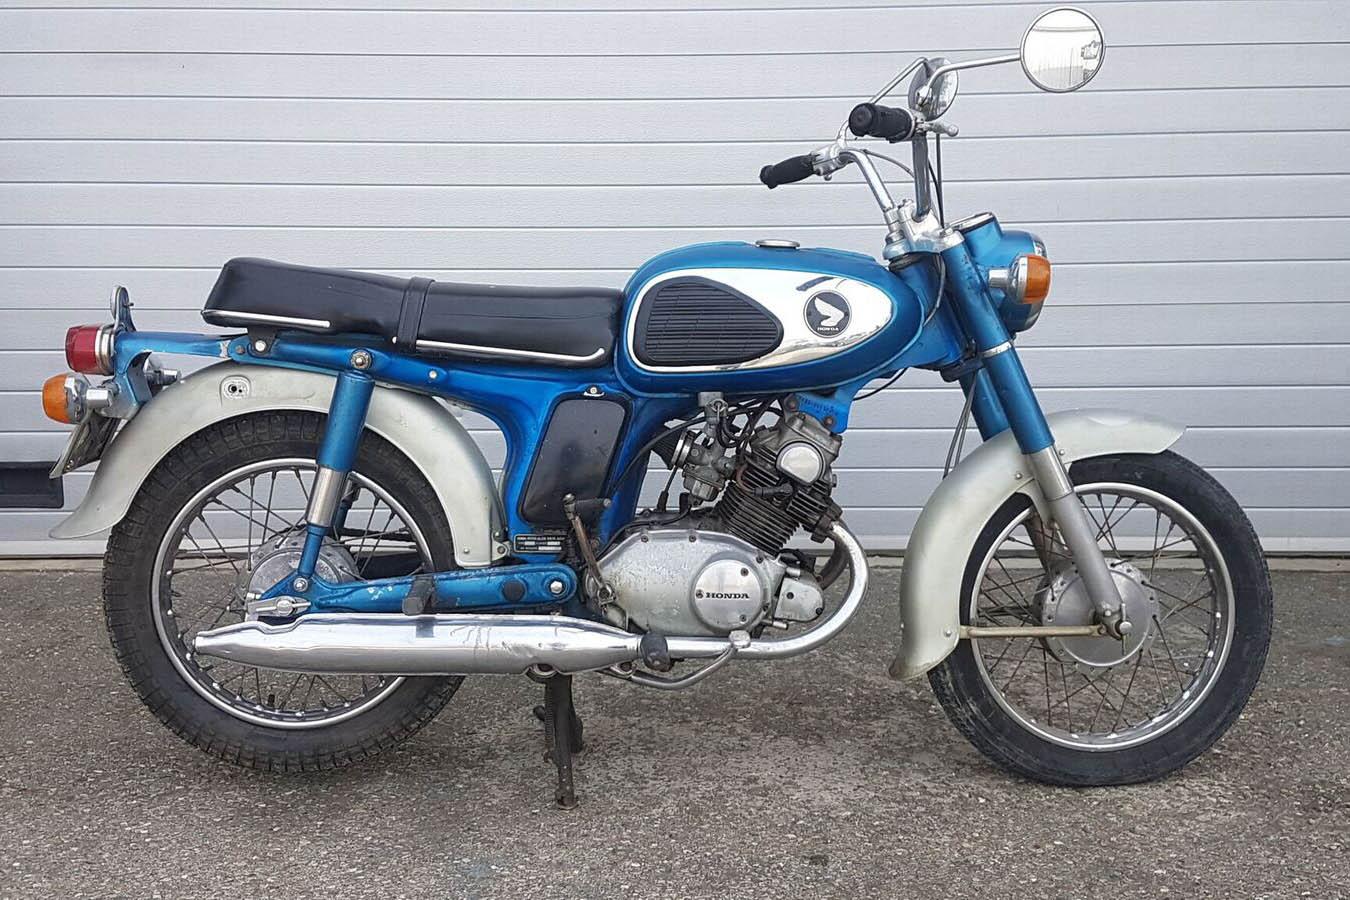 vente de motos anciennes aux ench res drouot 75 moto magazine leader de l actualit de. Black Bedroom Furniture Sets. Home Design Ideas